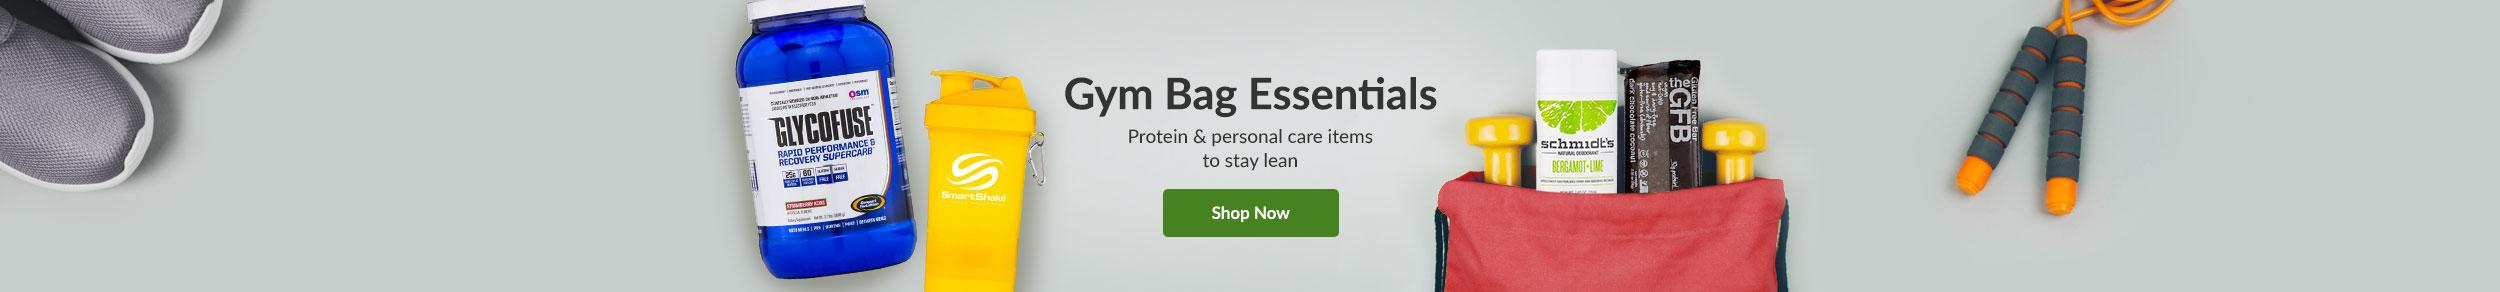 https://i3.pureformulas.net/images/static/gym_bag_slide3_061918.jpg